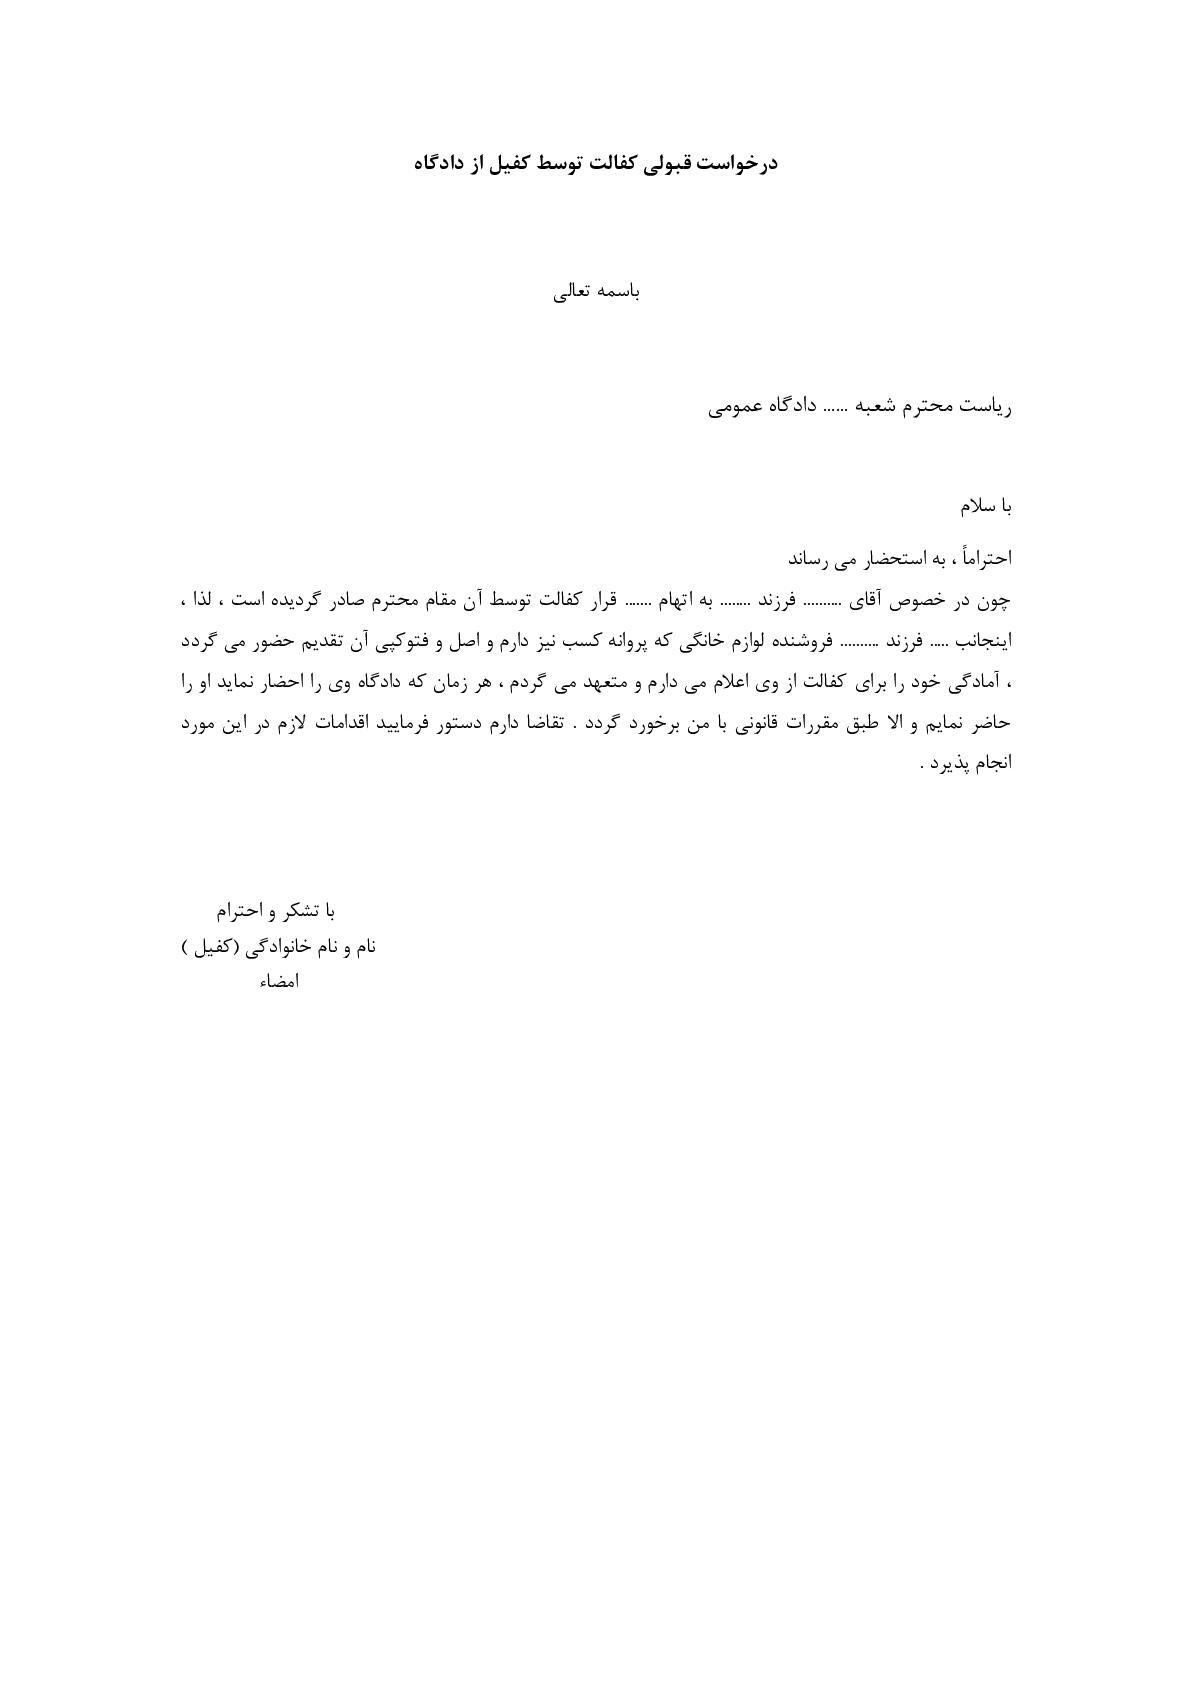 درخواست قبولی کفالت توسط کفیل از دادگاه